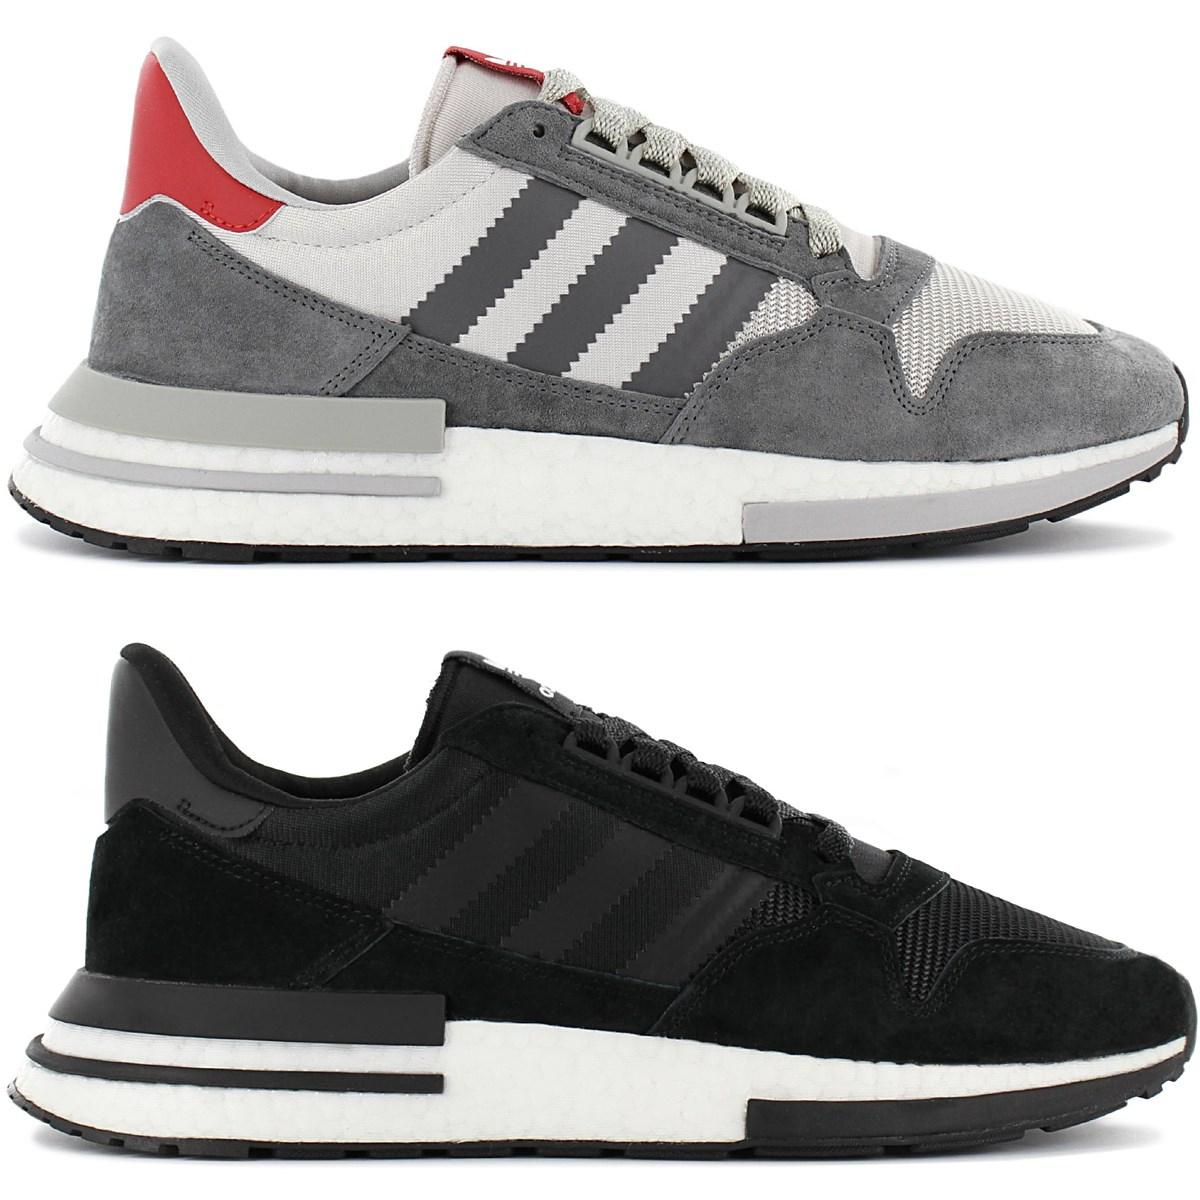 proporcionar un montón de promoción especial precio baratas adidas zx 500 leather- OFF 53% - www.butc.co.za!